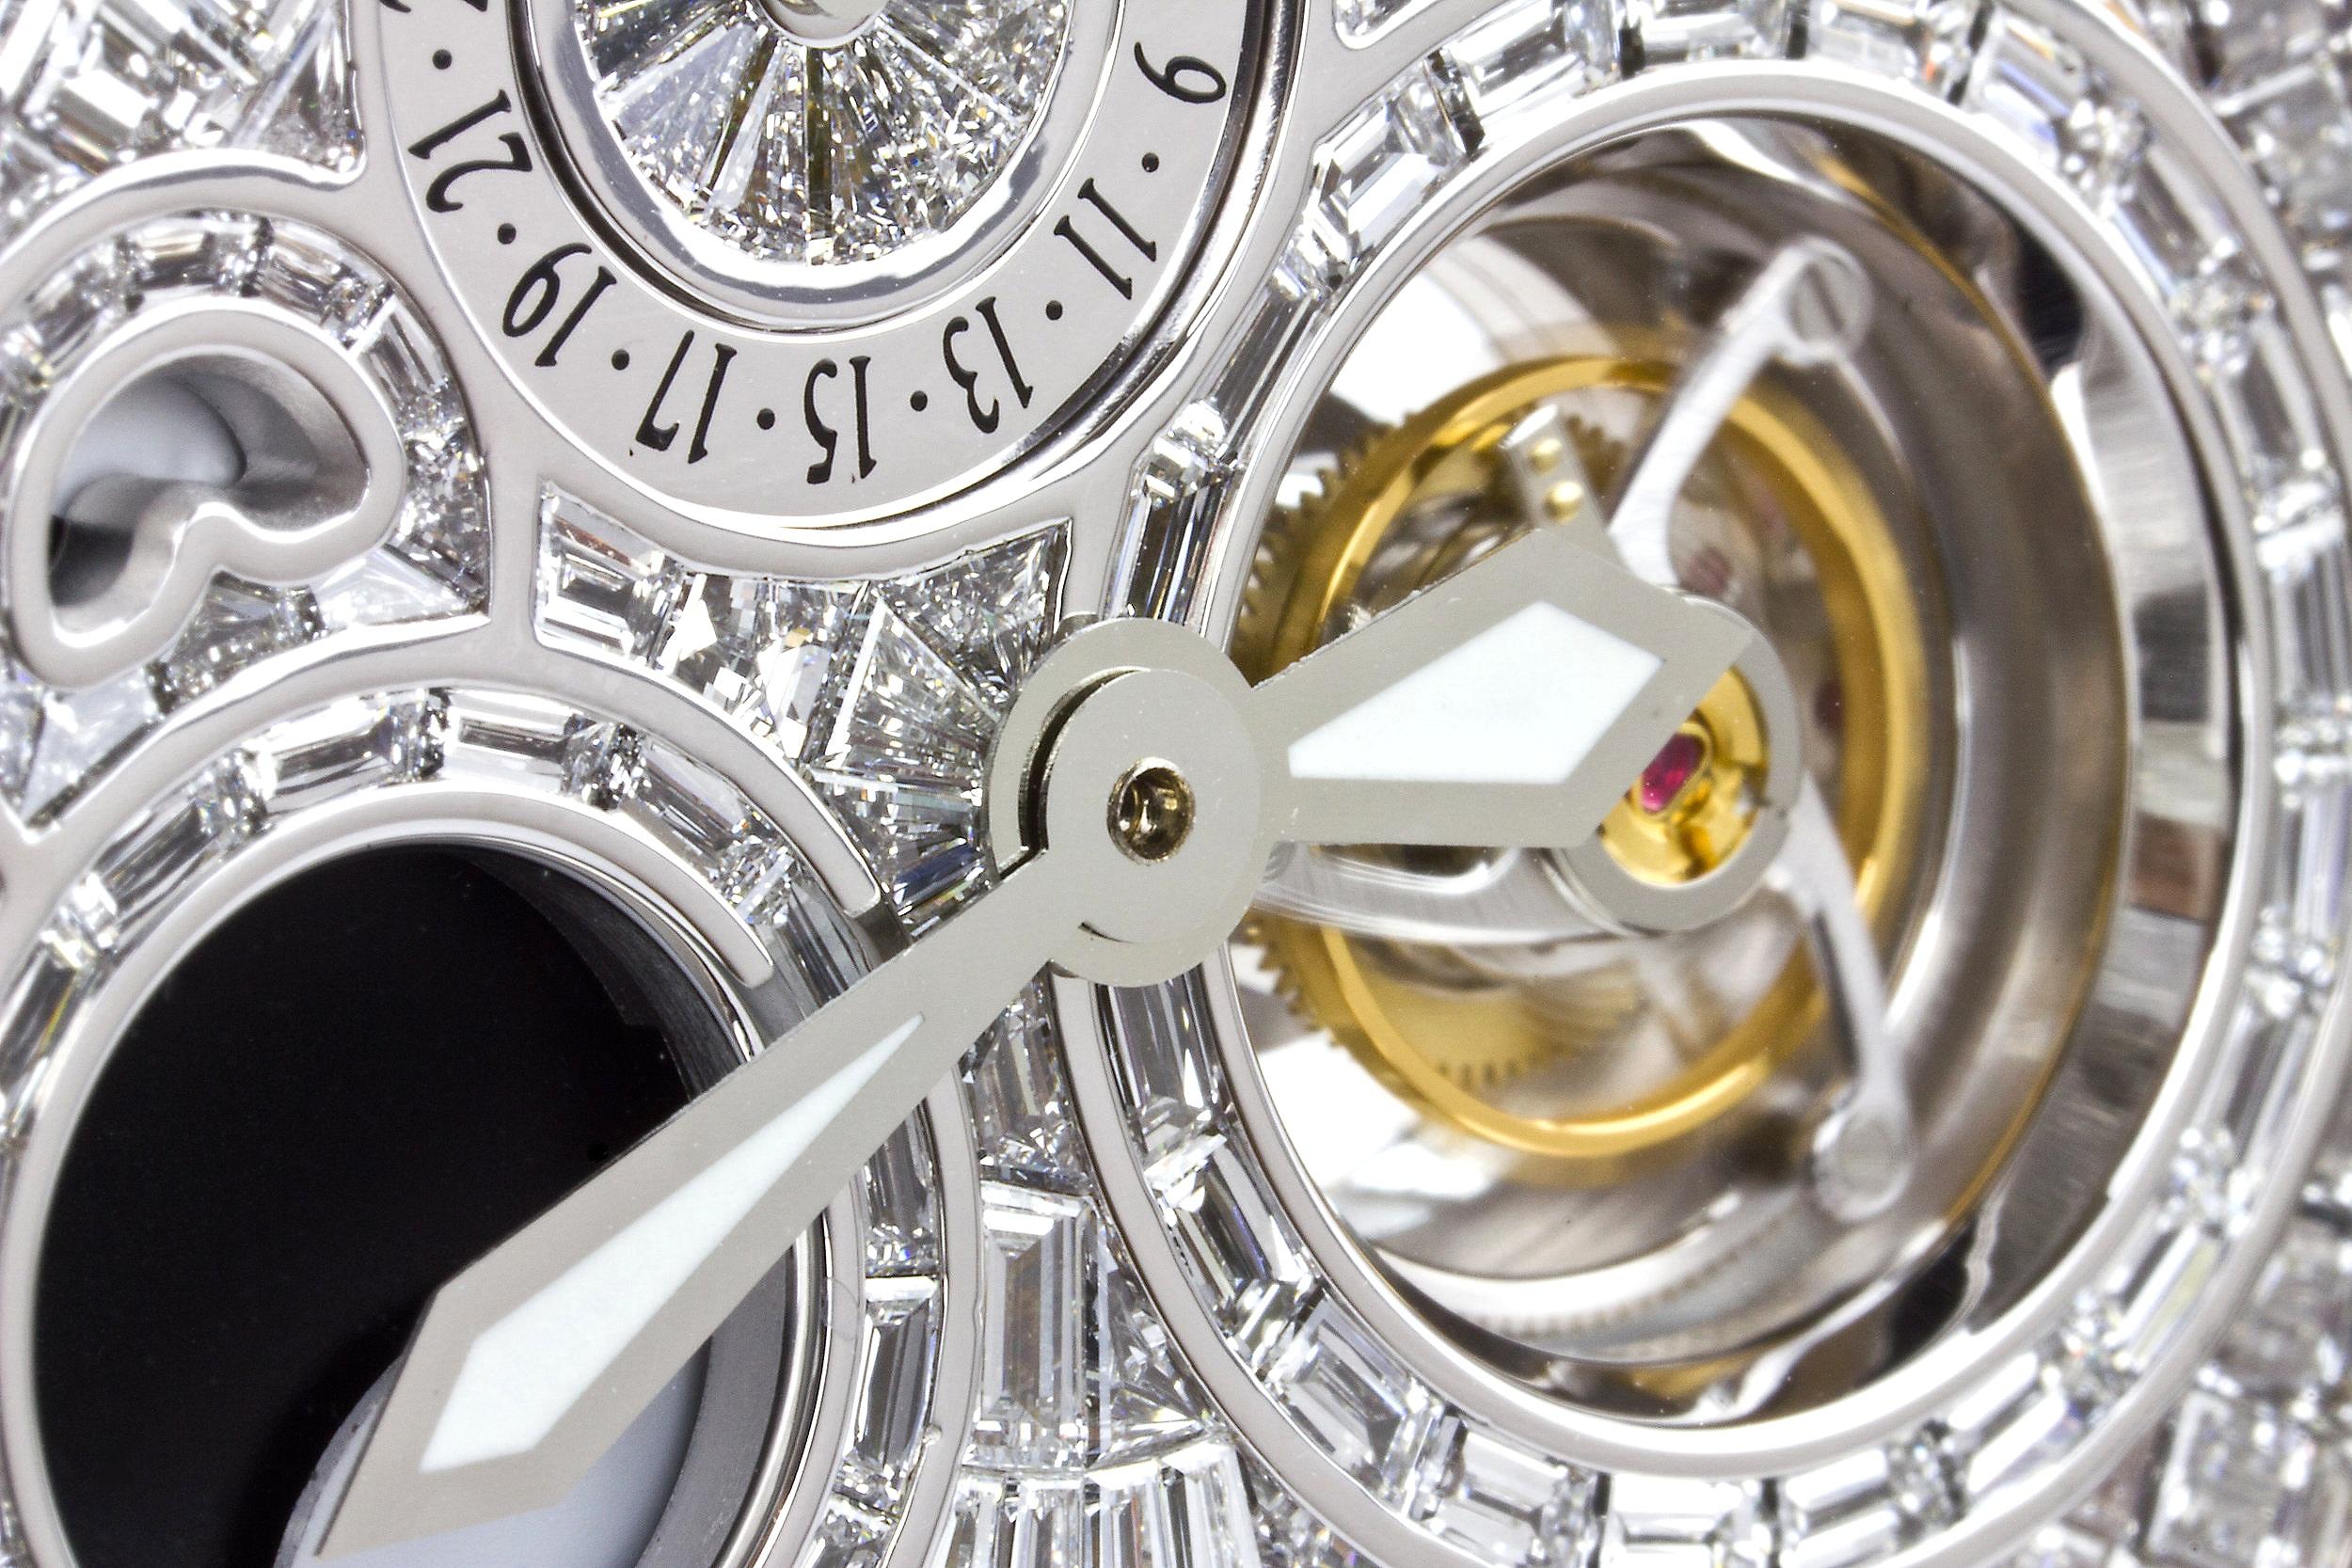 Regent Beau Brummel Tourbillon pocket watch 5058 diamond watch